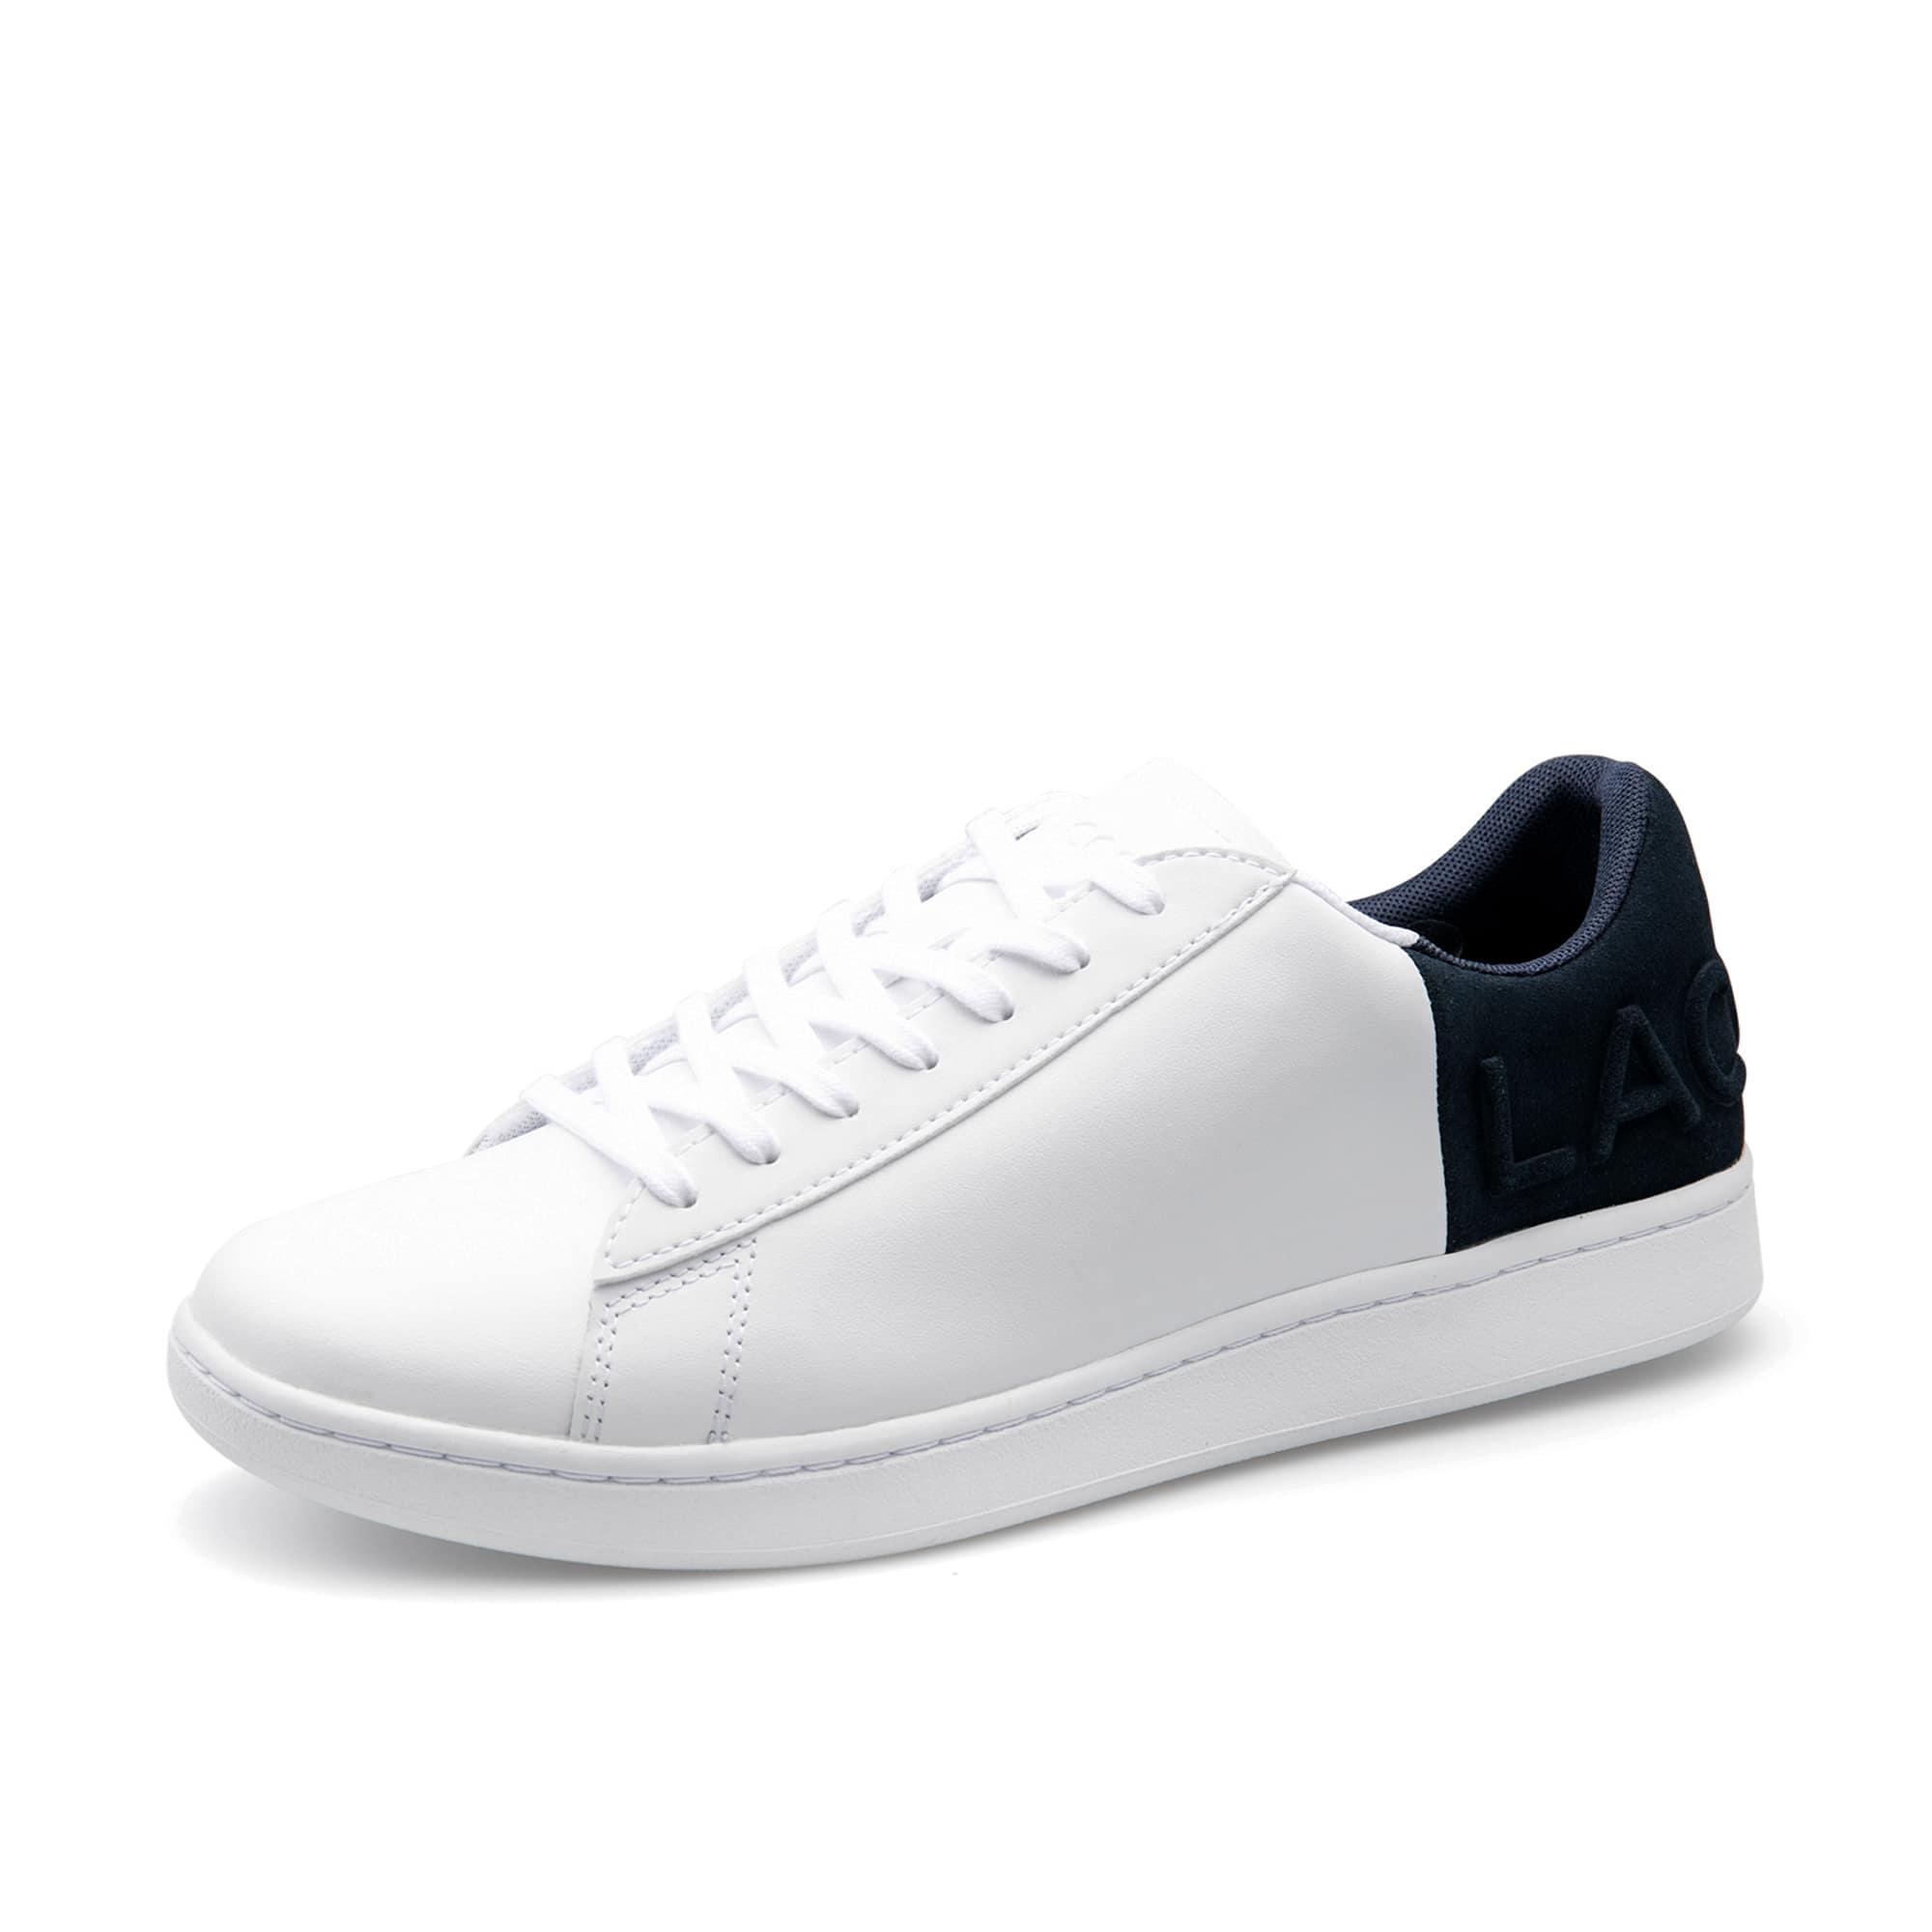 男士Carnaby Evo 系列皮革和绒面运动鞋